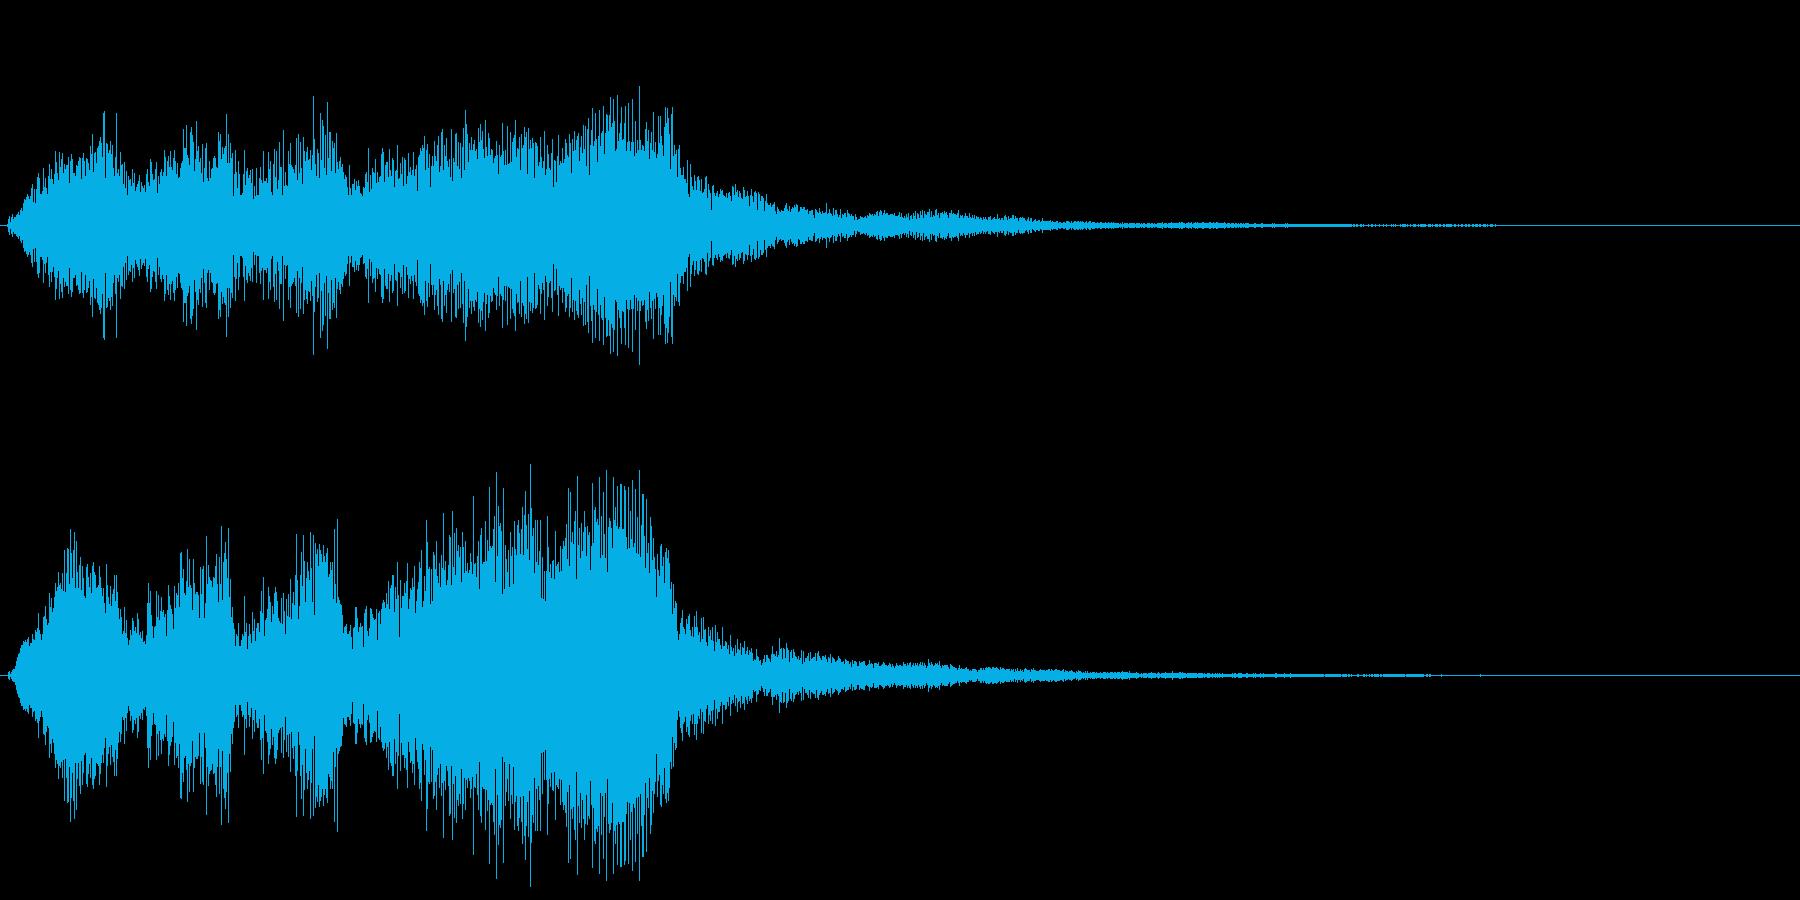 ブラス系のゲームオーバー ミス 転回音の再生済みの波形